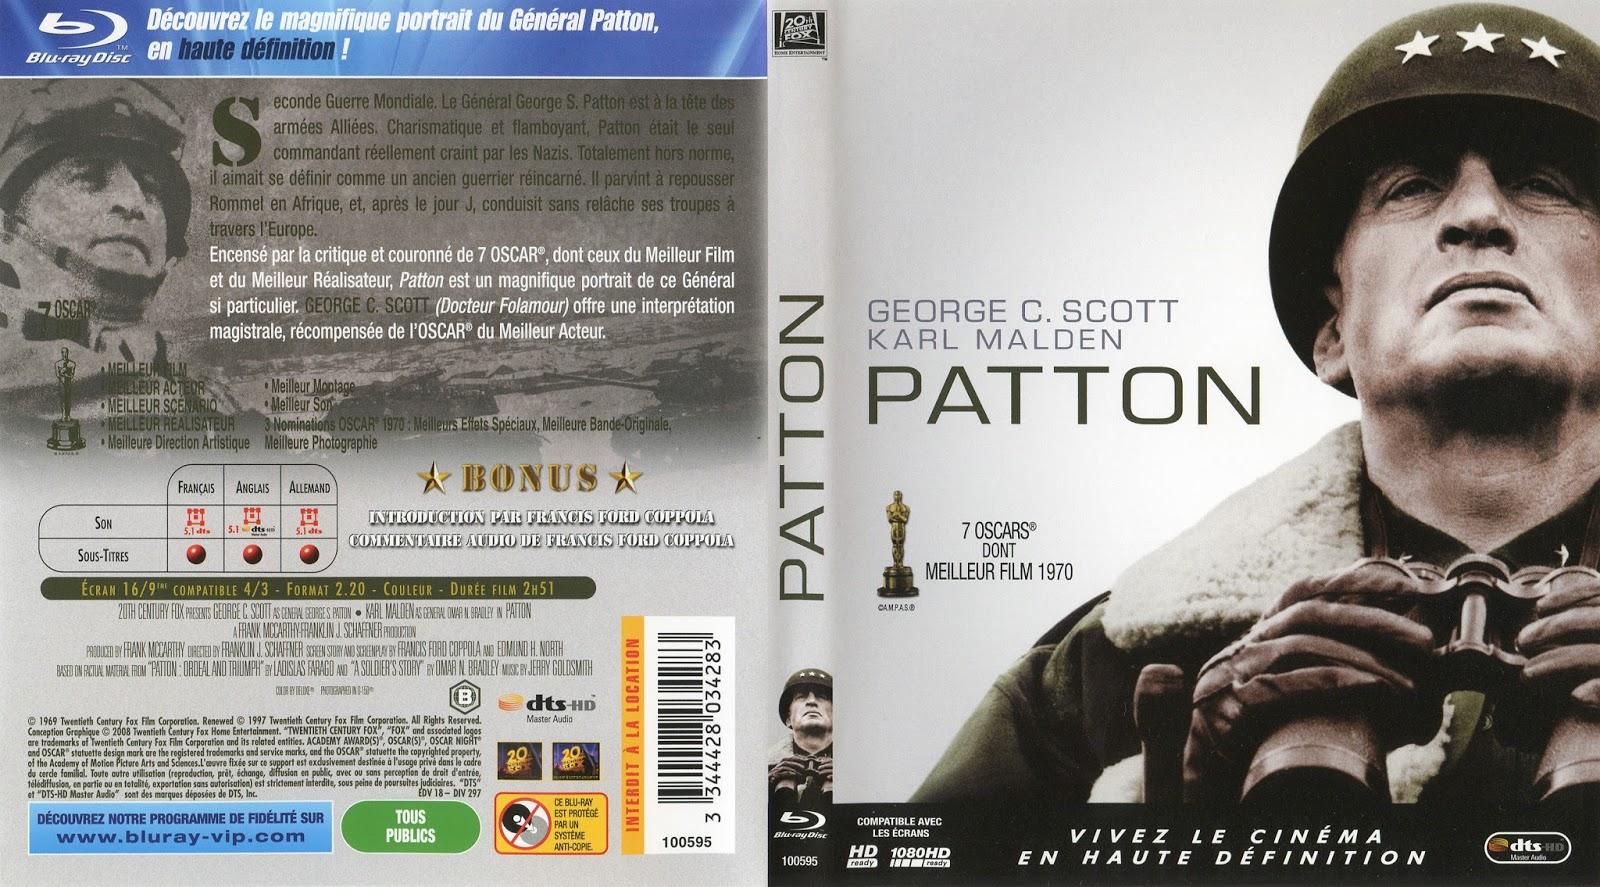 BLU-RAY JAQUETTES BLU-RAY: Patton